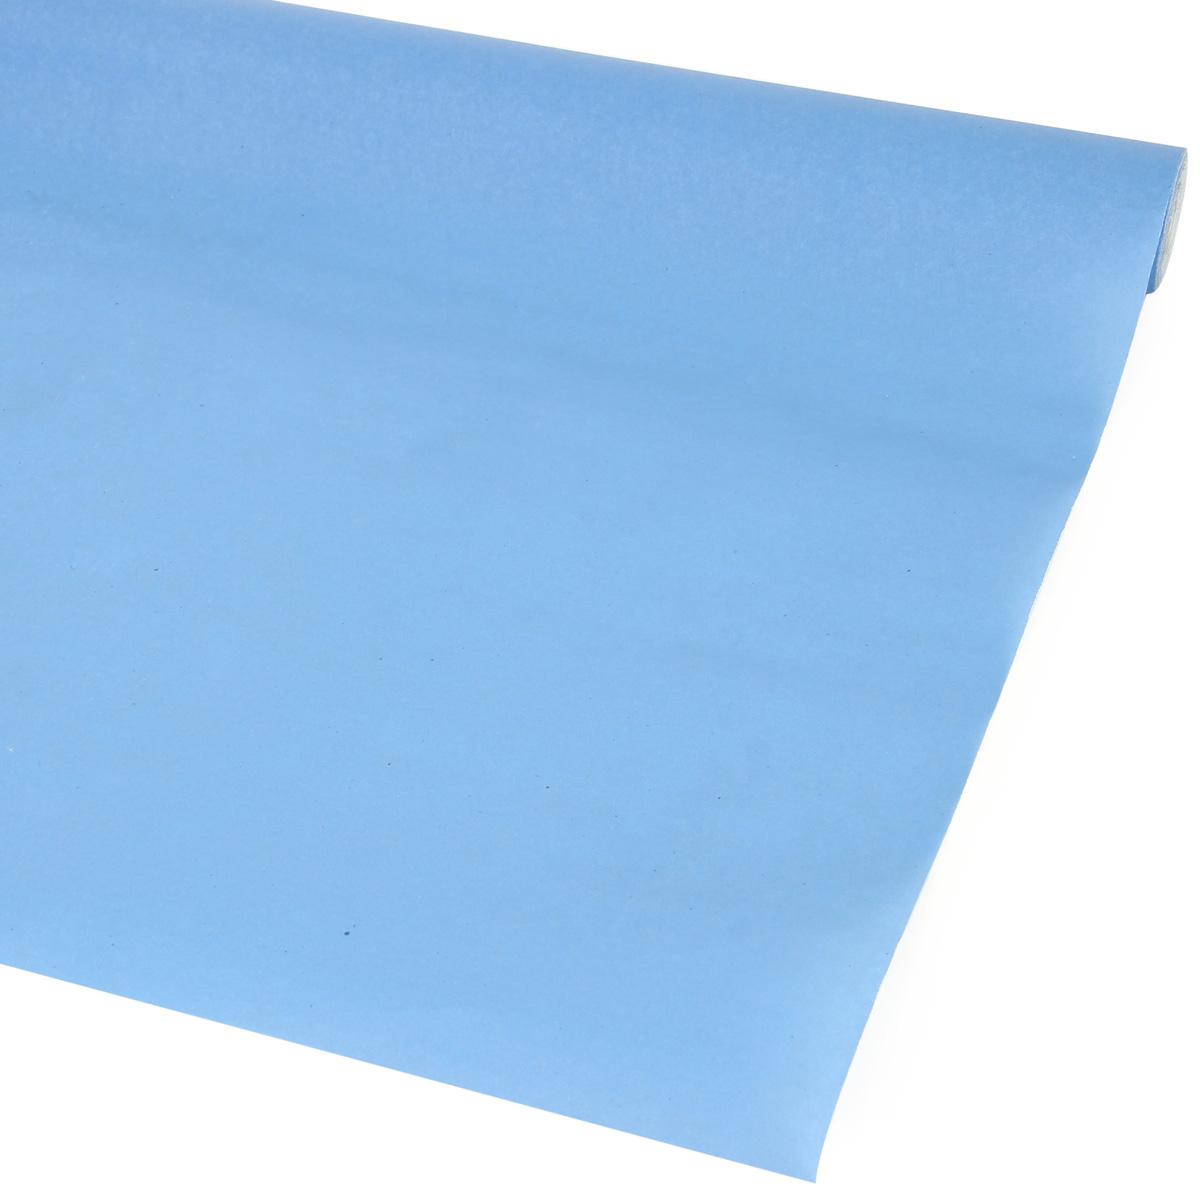 Бумага упаковочная Veld-Co Пергамент 11, цвет: васильковый (51), 83 см х 10 м63508Любой подарок начинается с упаковки. Что может быть трогательнее и волшебнее, чем ритуал разворачивания полученного презента. И именно оригинальная, со вкусом выбранная упаковка выделит ваш подарок из массы других. Она продемонстрирует самые тёплые чувства к виновнику торжества и создаст сказочную атмосферу праздника - это то, что вы искали.